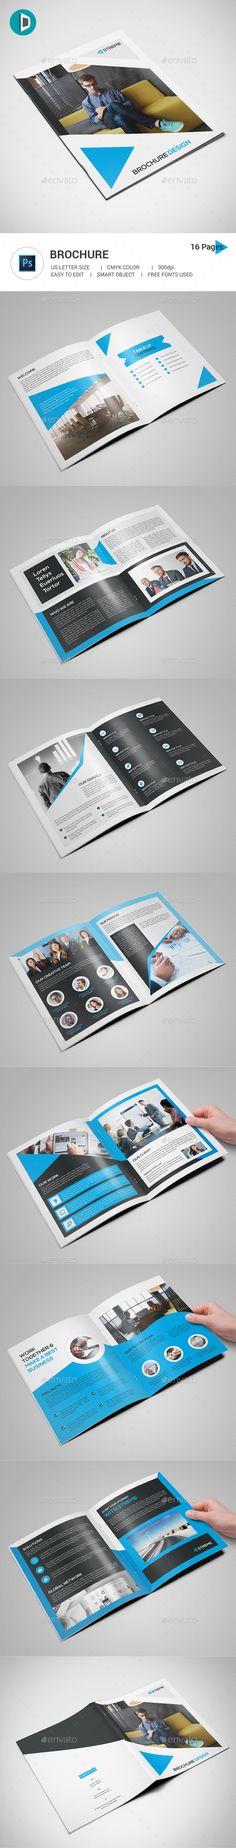 Brochure - #Corporate #Brochures Download here: https://graphicriver.net/item/brochure/19234792?ref=alena994